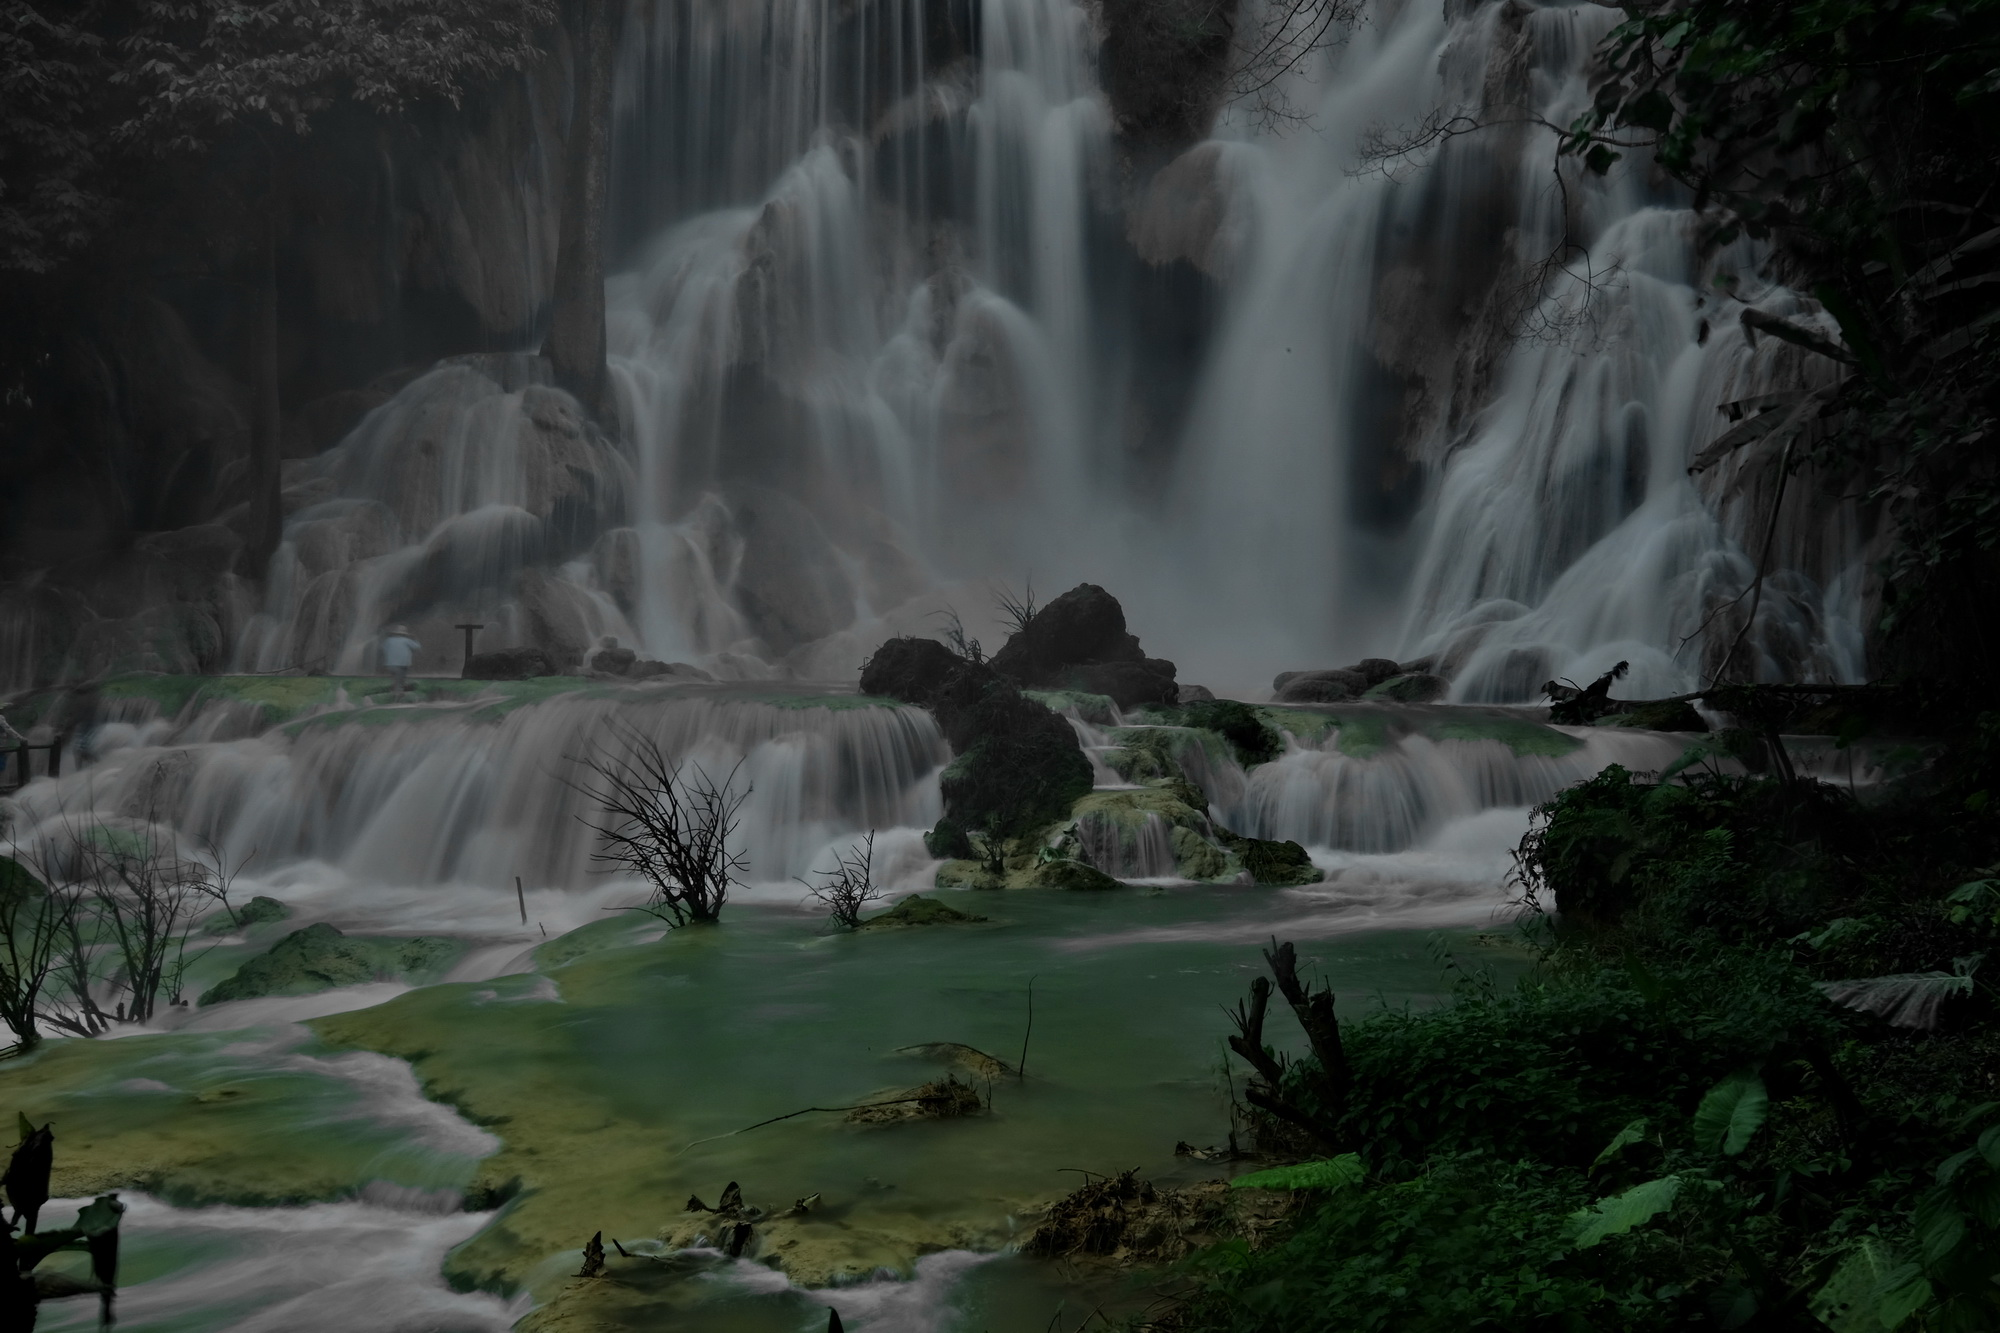 Laos_DSCF9799_∏ Luca Bracali